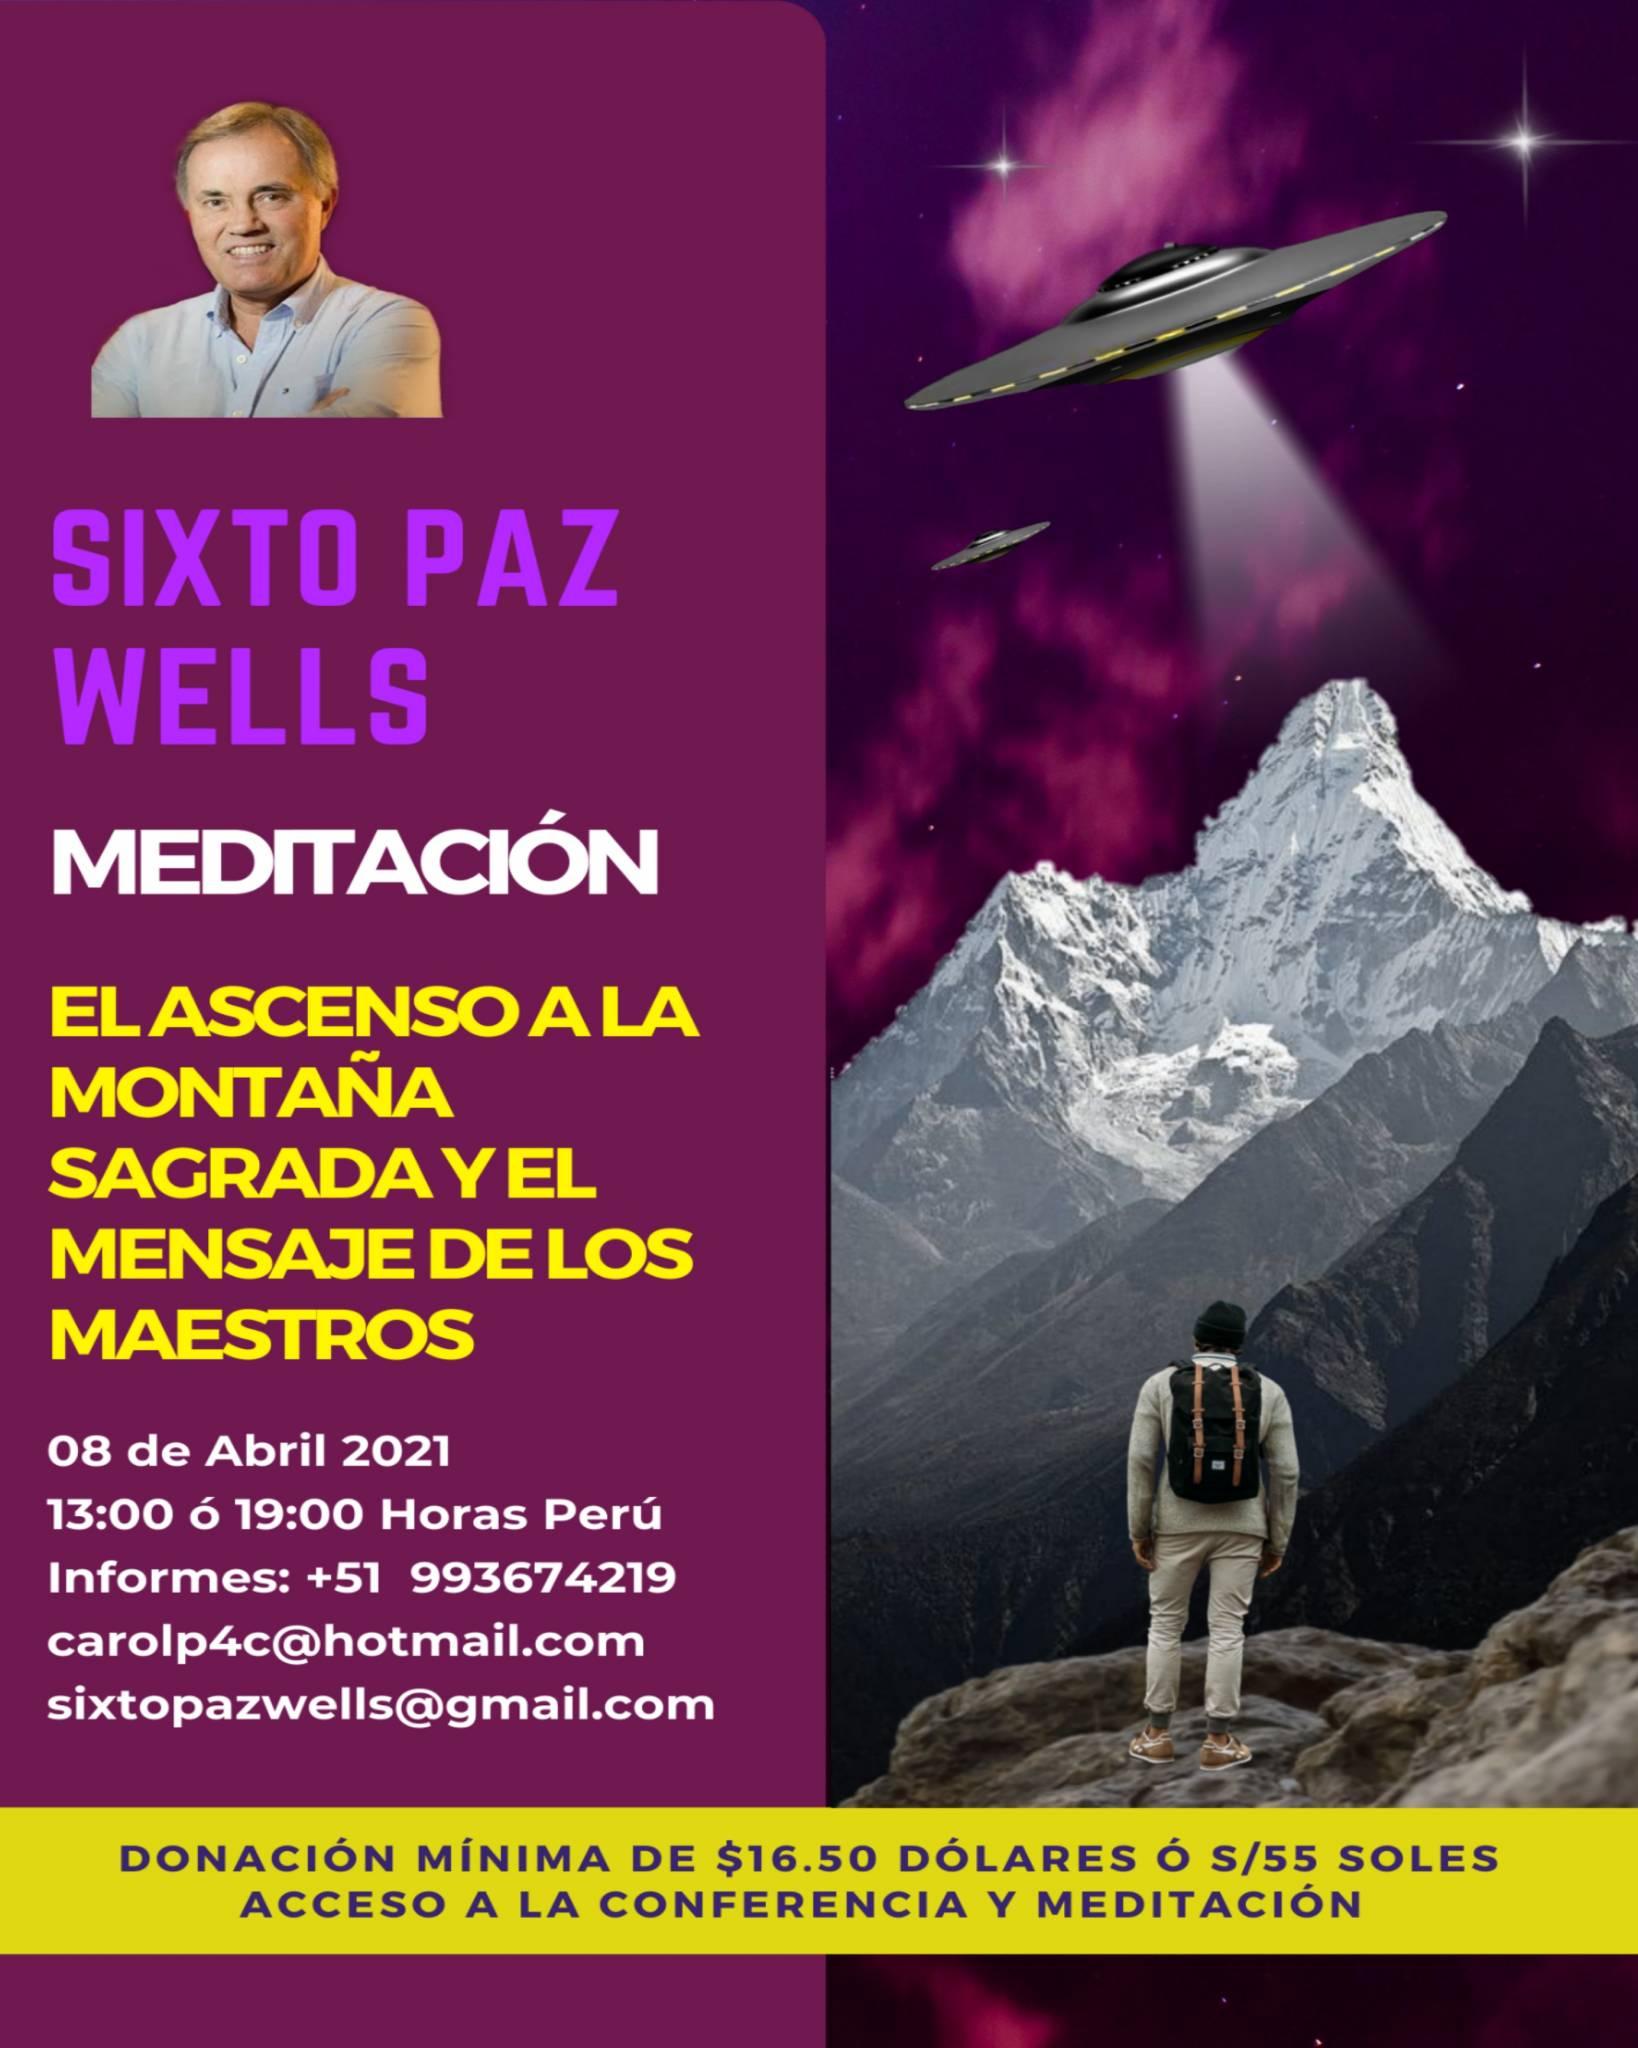 MEDITACIÓN  «EL ASCENSO A LA MONTAÑA SAGRADA Y EL MENSAJE DE LOS MAESTROS»